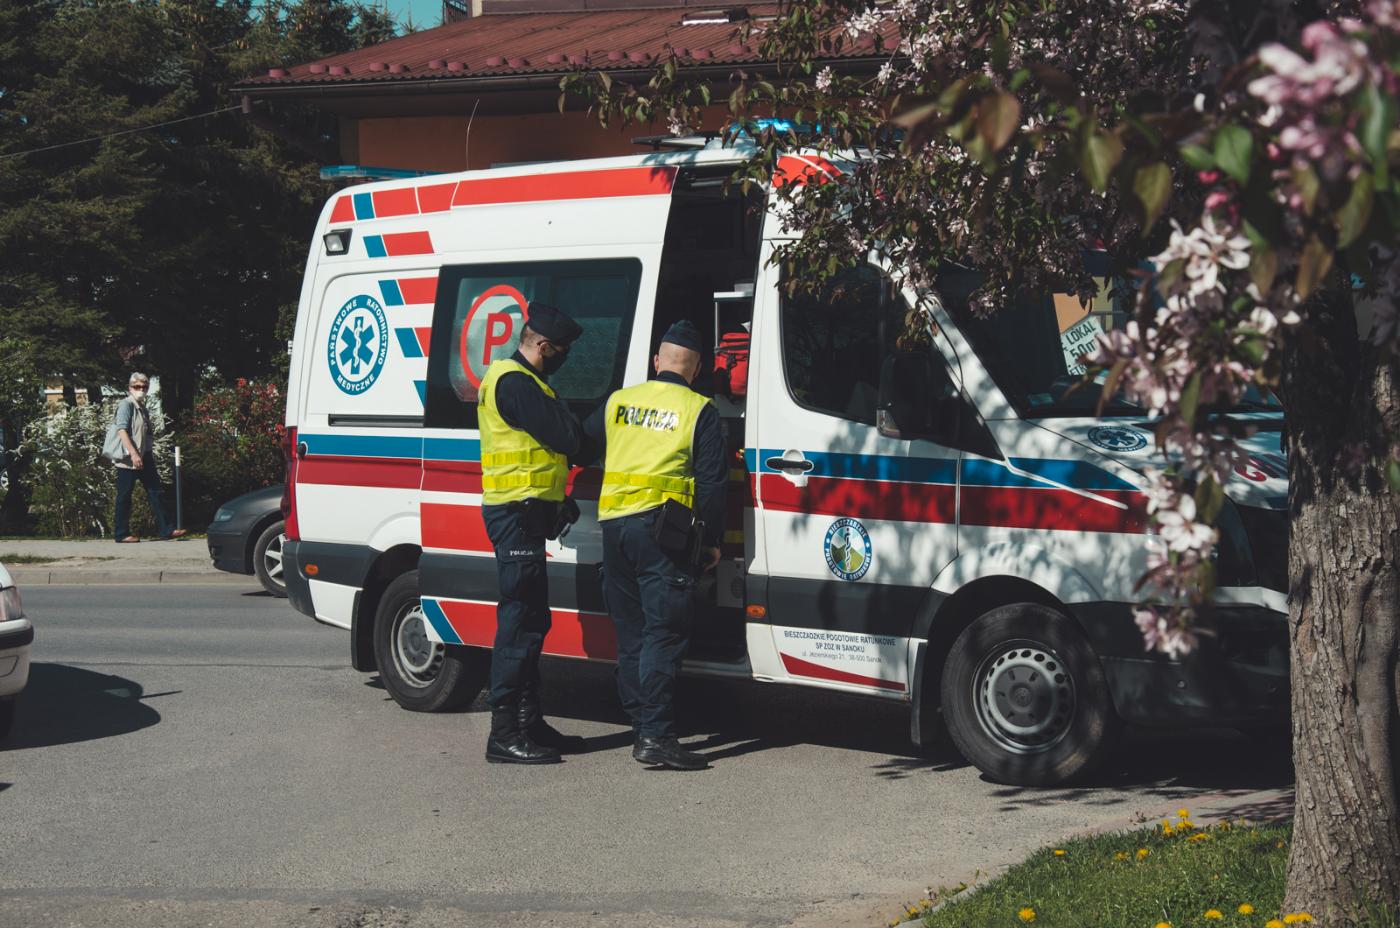 SANOK: Mężczyzna źle się poczuł w trakcie jazdy. Wezwano pomoc - Zdjęcie główne